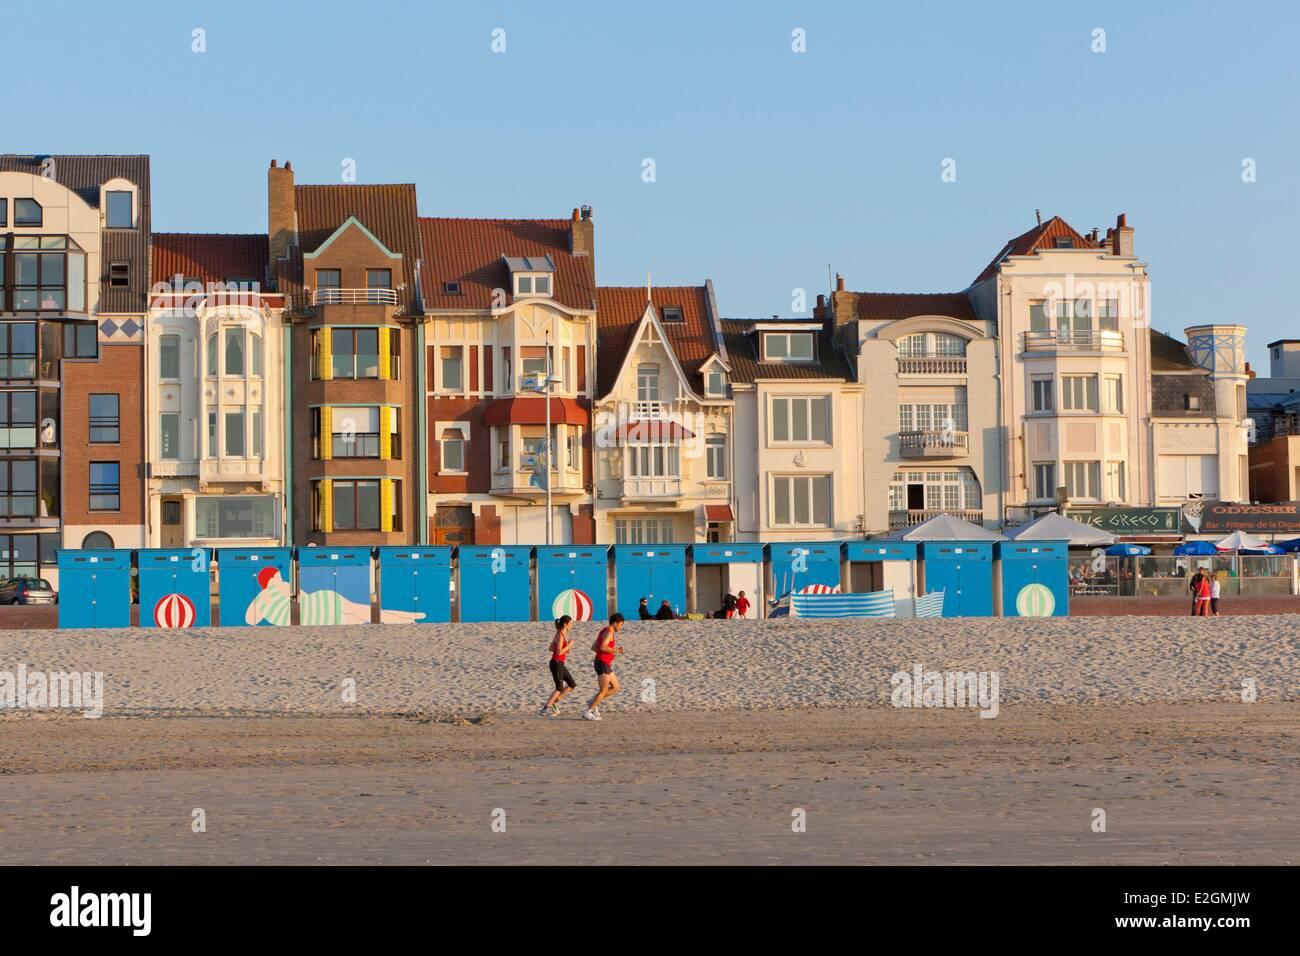 France nord cote d 39 opale dunkirk malo les bains beach huts - Piscine de malo les bains ...